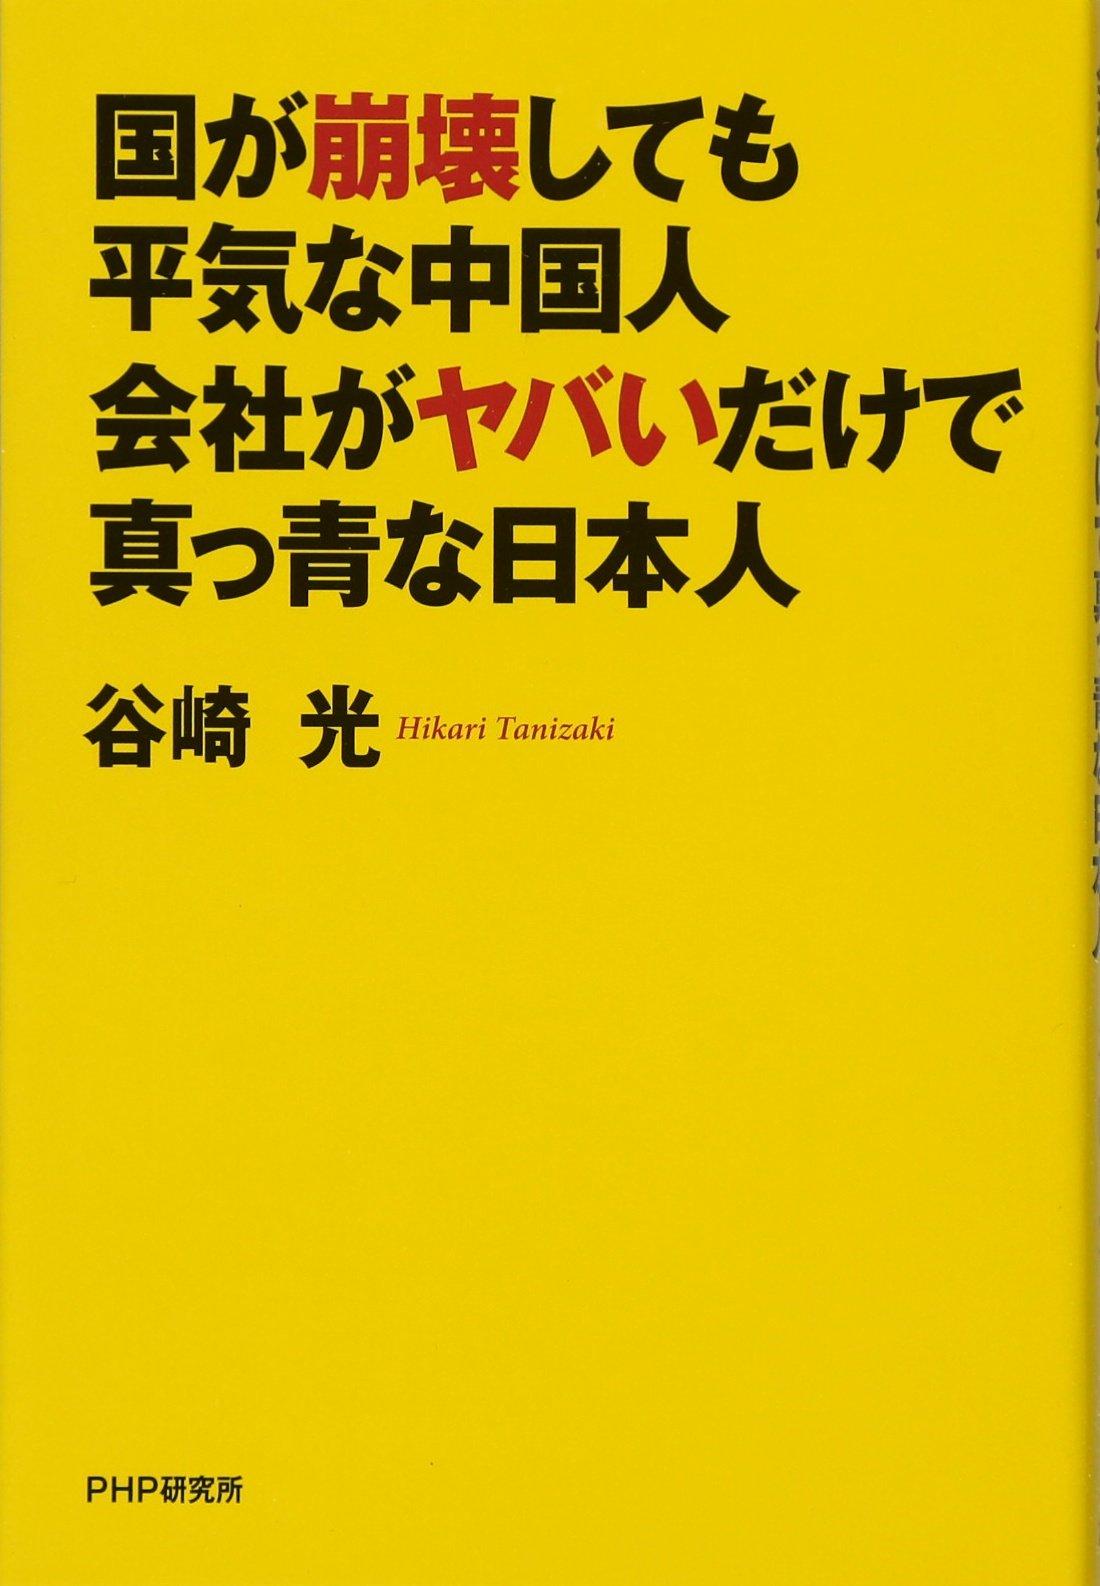 国が崩壊しても平気な中国人・会社がヤバいだけで真っ青な日本人 ...